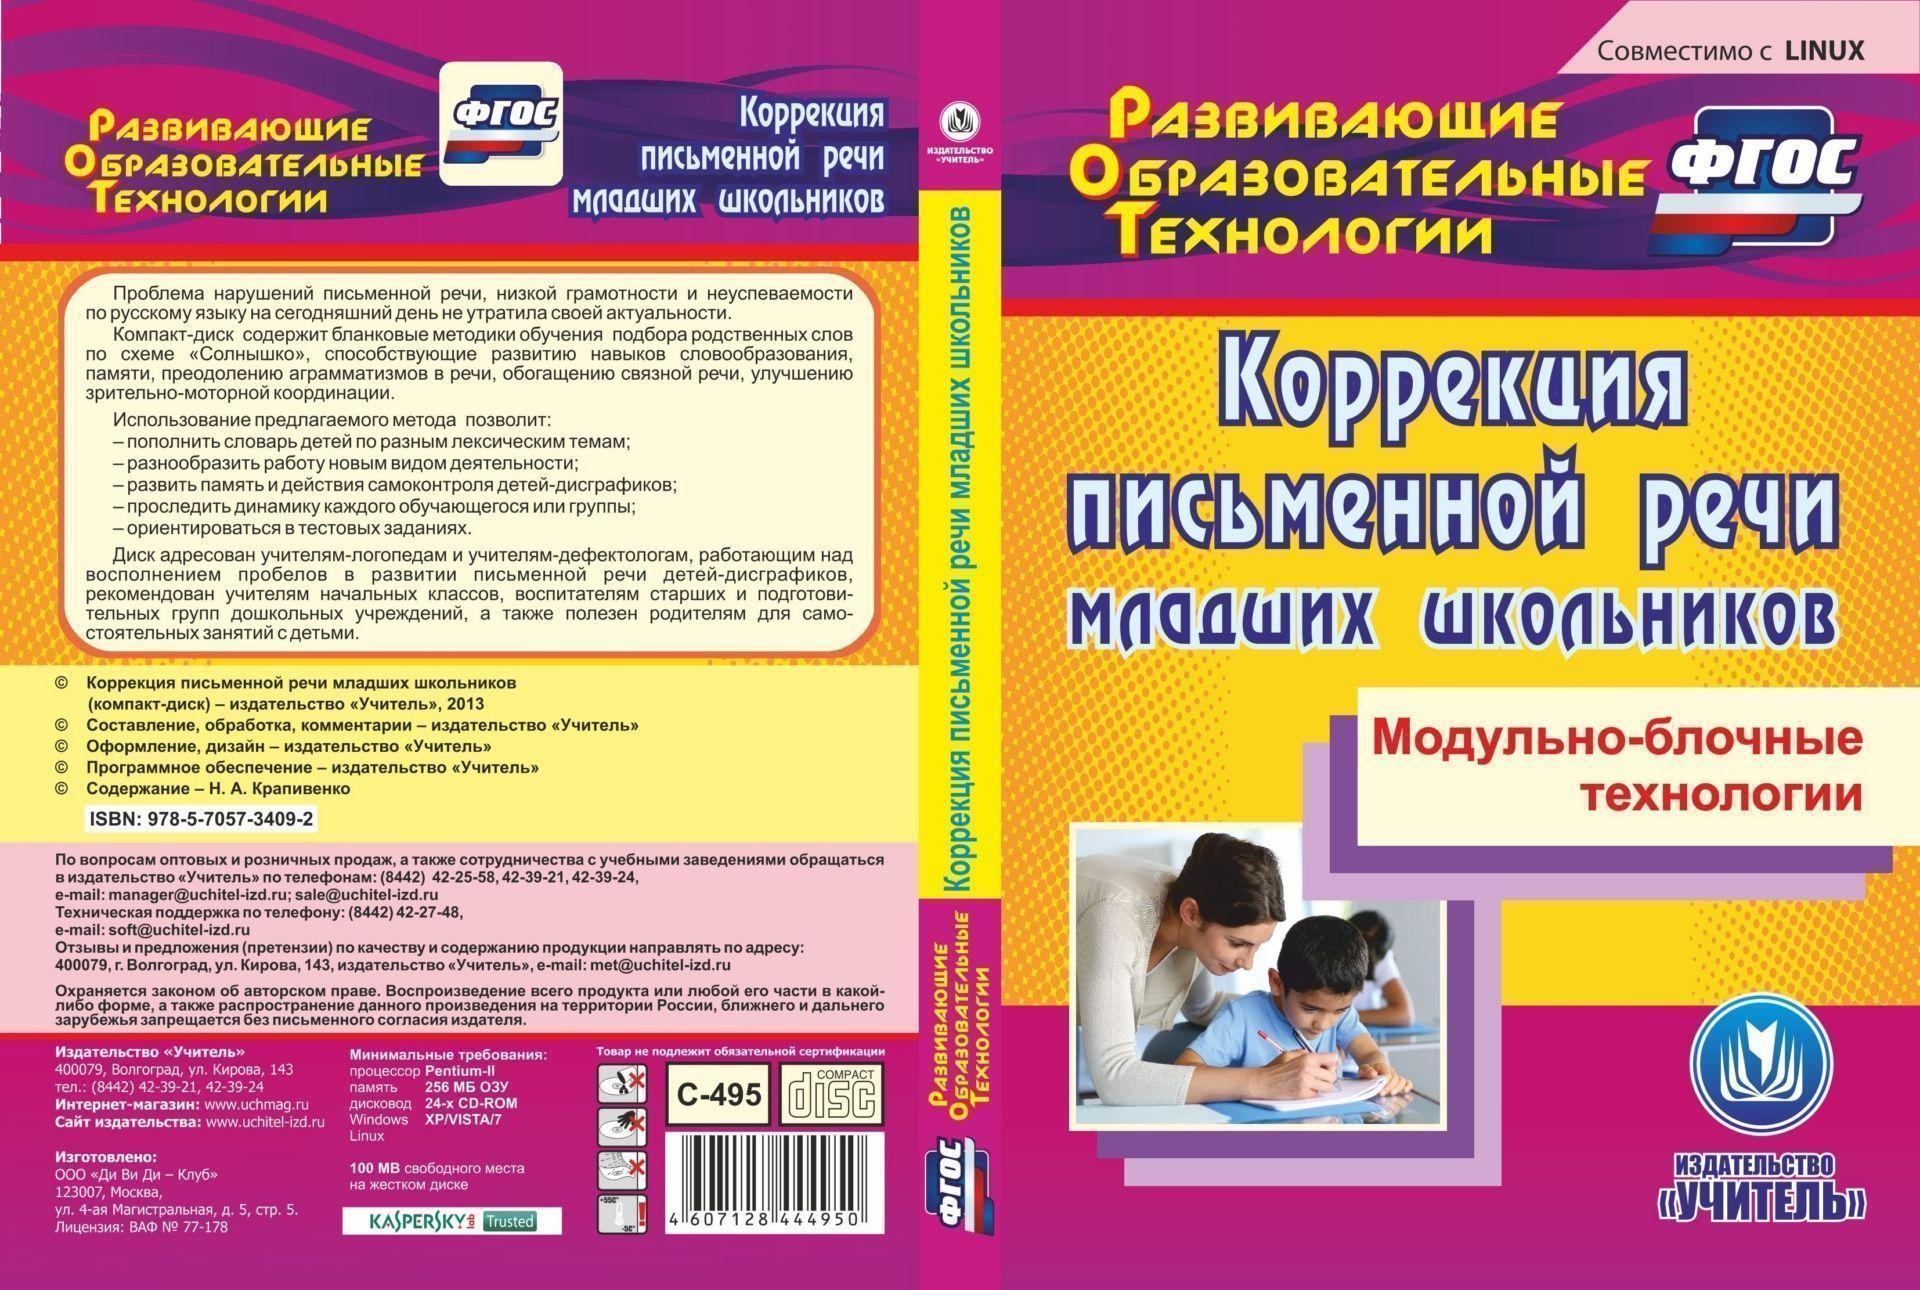 Коррекция письменной речи младших школьников. Компакт-диск для компьютера: Модульно-блочные технологииЛогопедам<br>Проблема нарушений письменной речи, низкой грамотности и неуспеваемости по русскому языку на сегодняшний день не утратила своей актуальности.Компакт-диск содержит бланковые методики обучения подбора родственных слов по схеме Солнышко, способствующие раз...<br><br>Авторы: Крапивенко Н. А.<br>Год: 2013<br>Серия: ФГОС. Развивающие образовательные технологии<br>Высота: 190<br>Ширина: 135<br>Толщина: 12